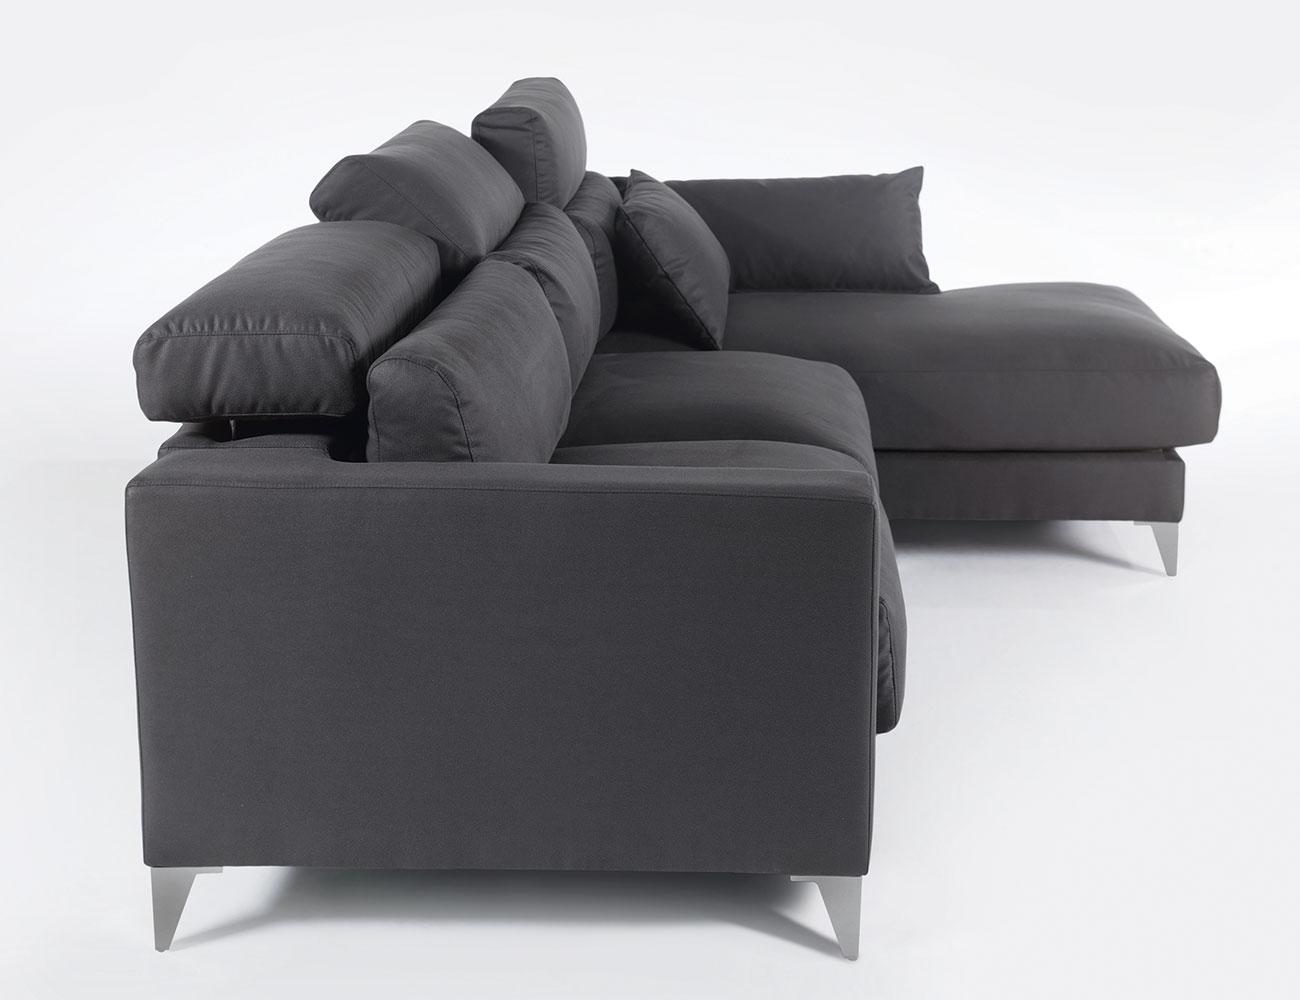 Sofa chaiselongue gran lujo decorativo grafito 124